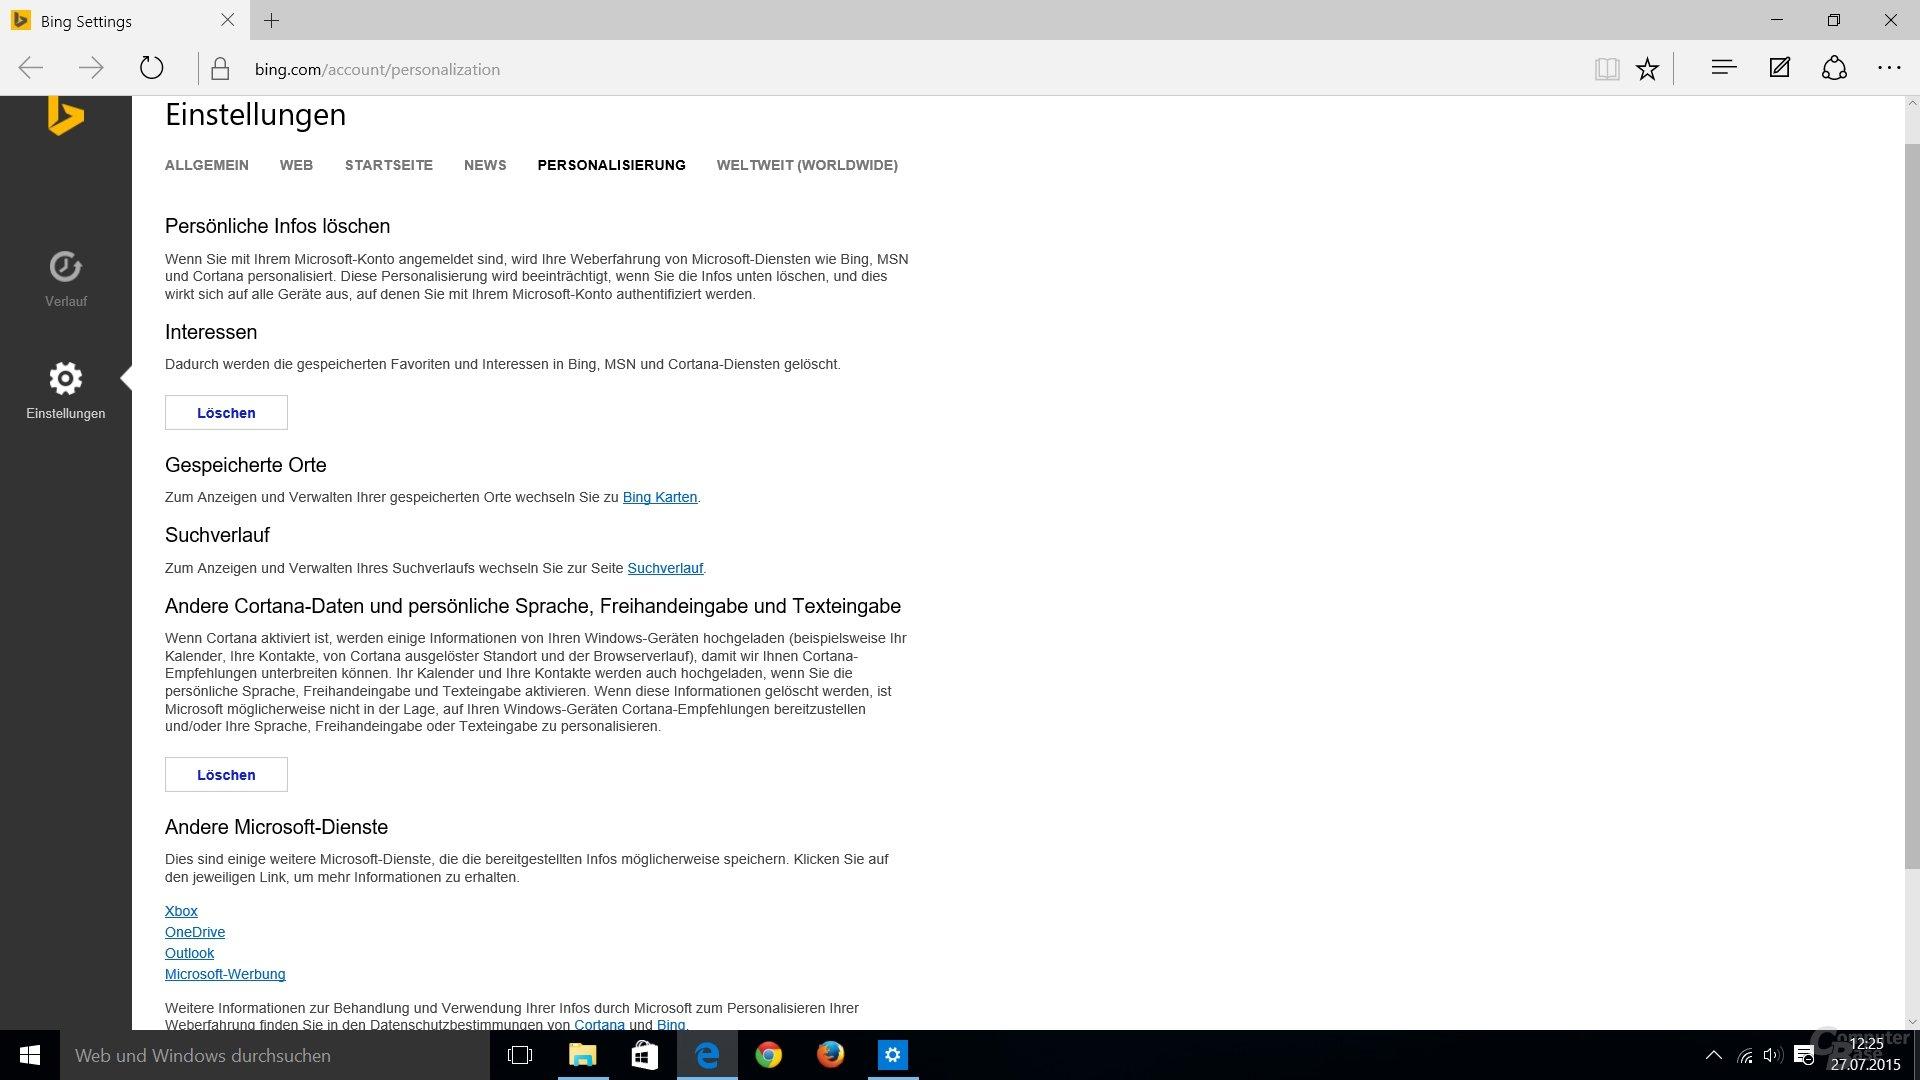 Personalisierung bei Bing